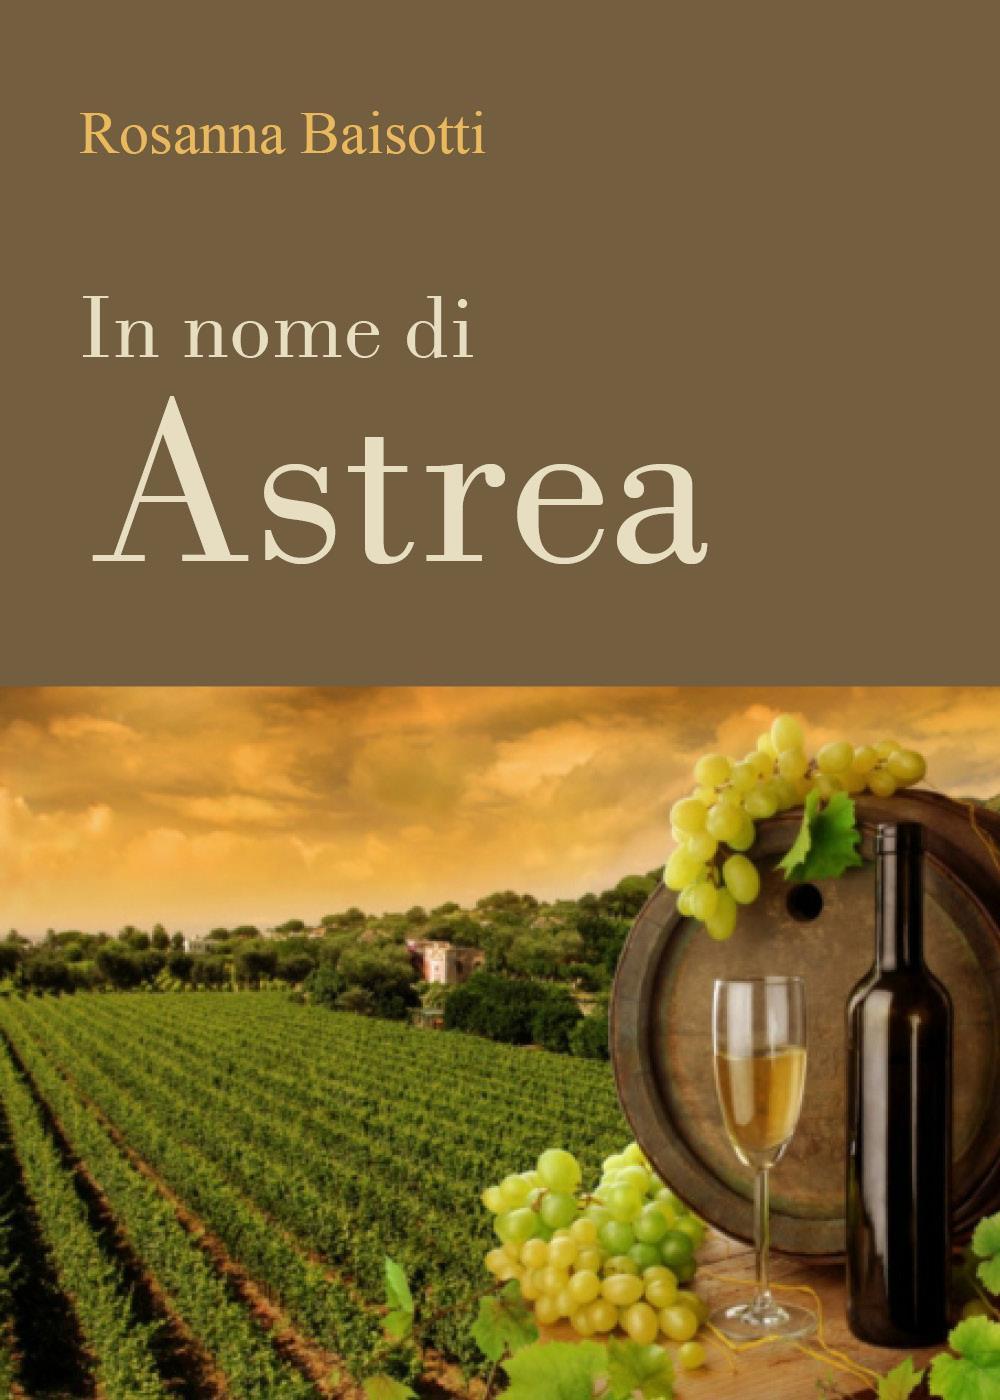 In nome di Astrea